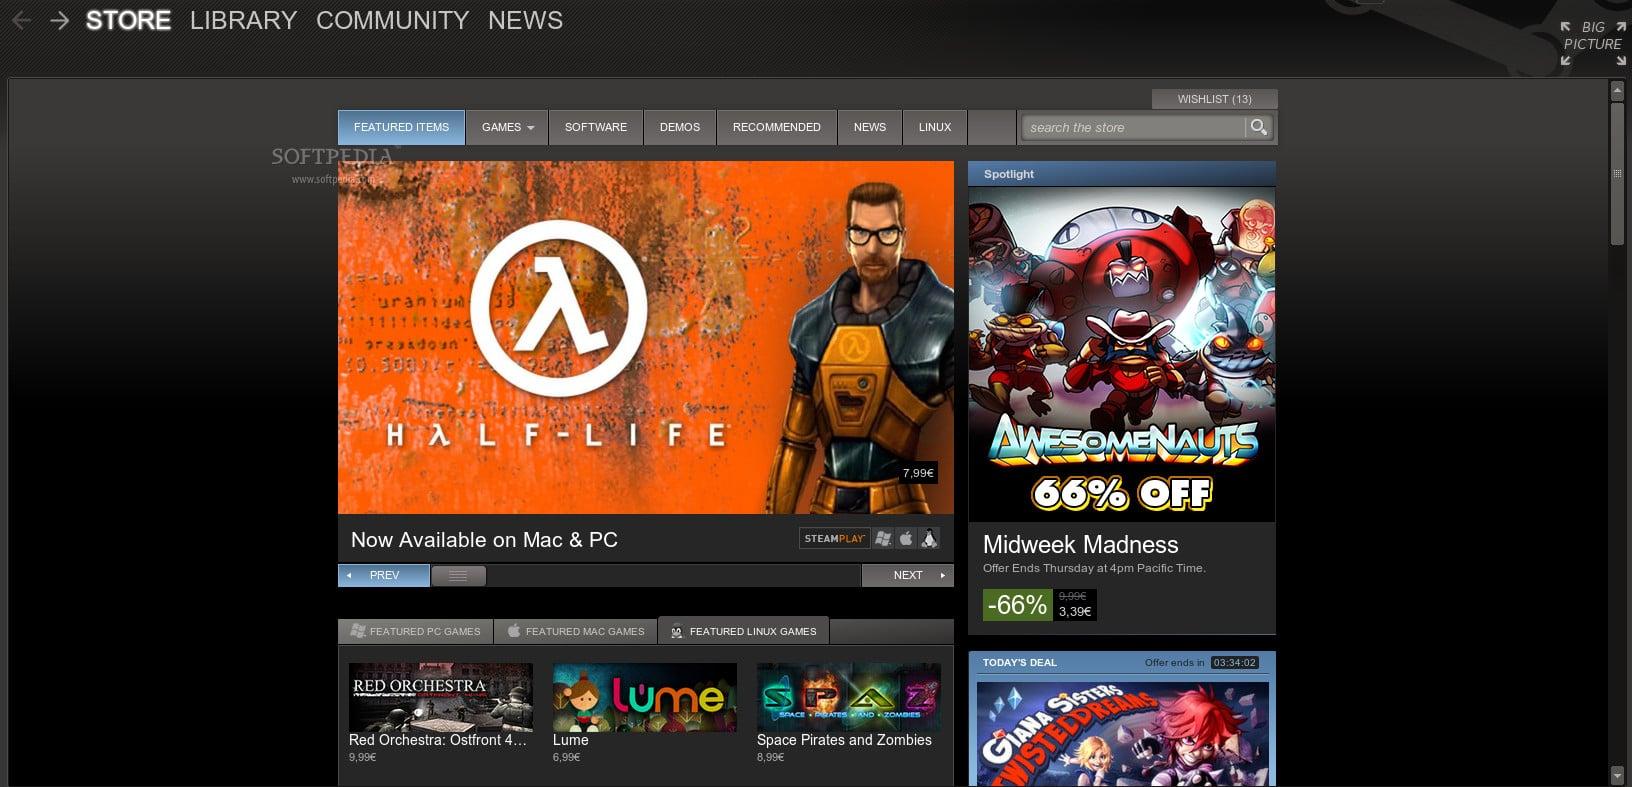 Steam demostró el avance del forma digital en videojuegos y logró 8,5 millones usuarios jugando.